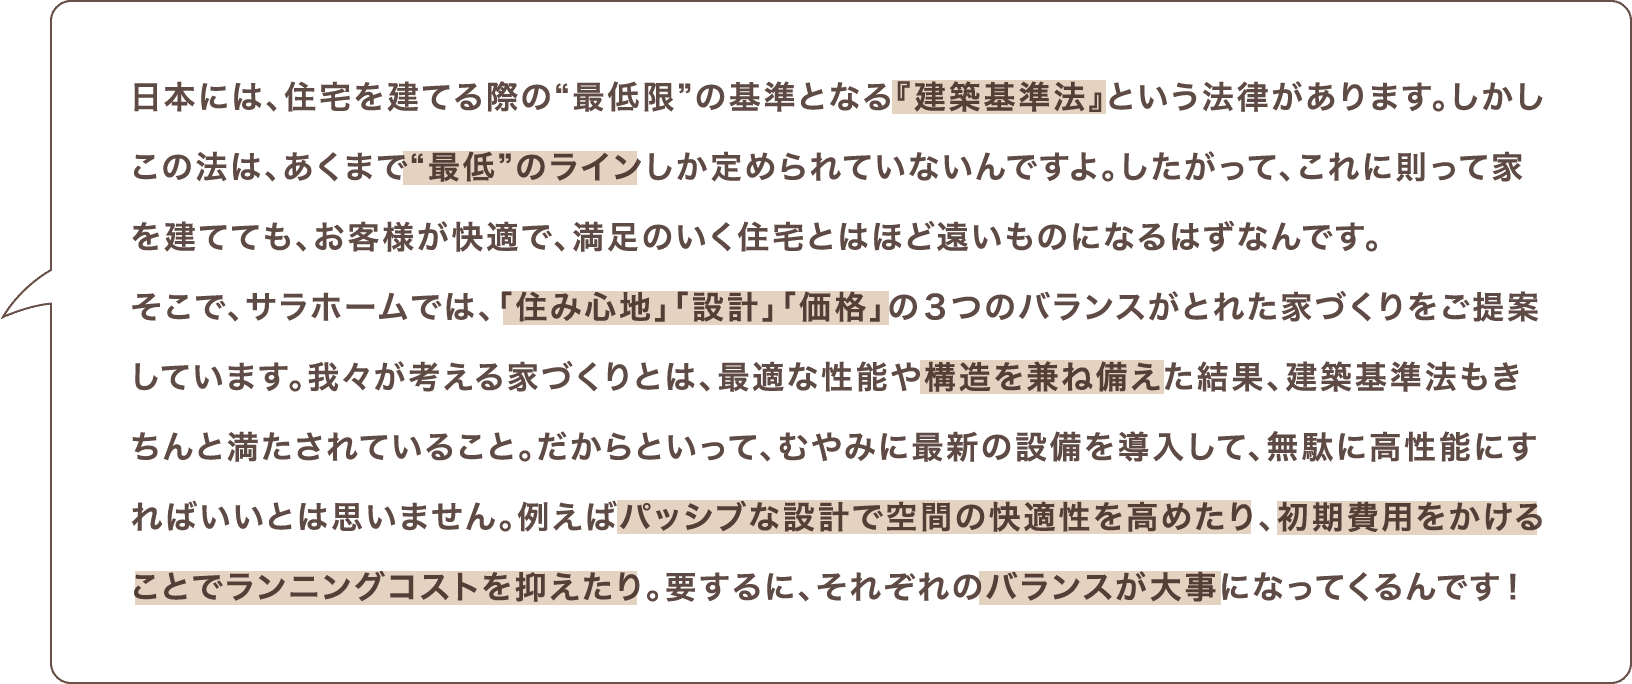 """日本には、住宅を建てる際の""""最低限""""の基準となる『建築基準法』という法律があります。しかしこの法は、あくまで""""最低""""のラインしか定められていないんですよ。したがって、これに則って家を建てても、お客様が快適で、満足のいく住宅とはほど遠いものになるはずなんです。そこで、サラホームでは、「住み心地」「設計」「価格」の3つのバランスがとれた家づくりをご提案しています。我々が考える家づくりとは、最適な性能や構造を兼ね備えた結果、建築基準法もきちんと満たされていること。だからといって、むやみに最新の設備を導入して、無駄に高性能にすればいいとは思いません。例えばパッシブな設計で空間の快適性を高めたり、初期費用をかけることでランニングコストを抑えたり。要するに、それぞれのバランスが大事になってくるんです!"""